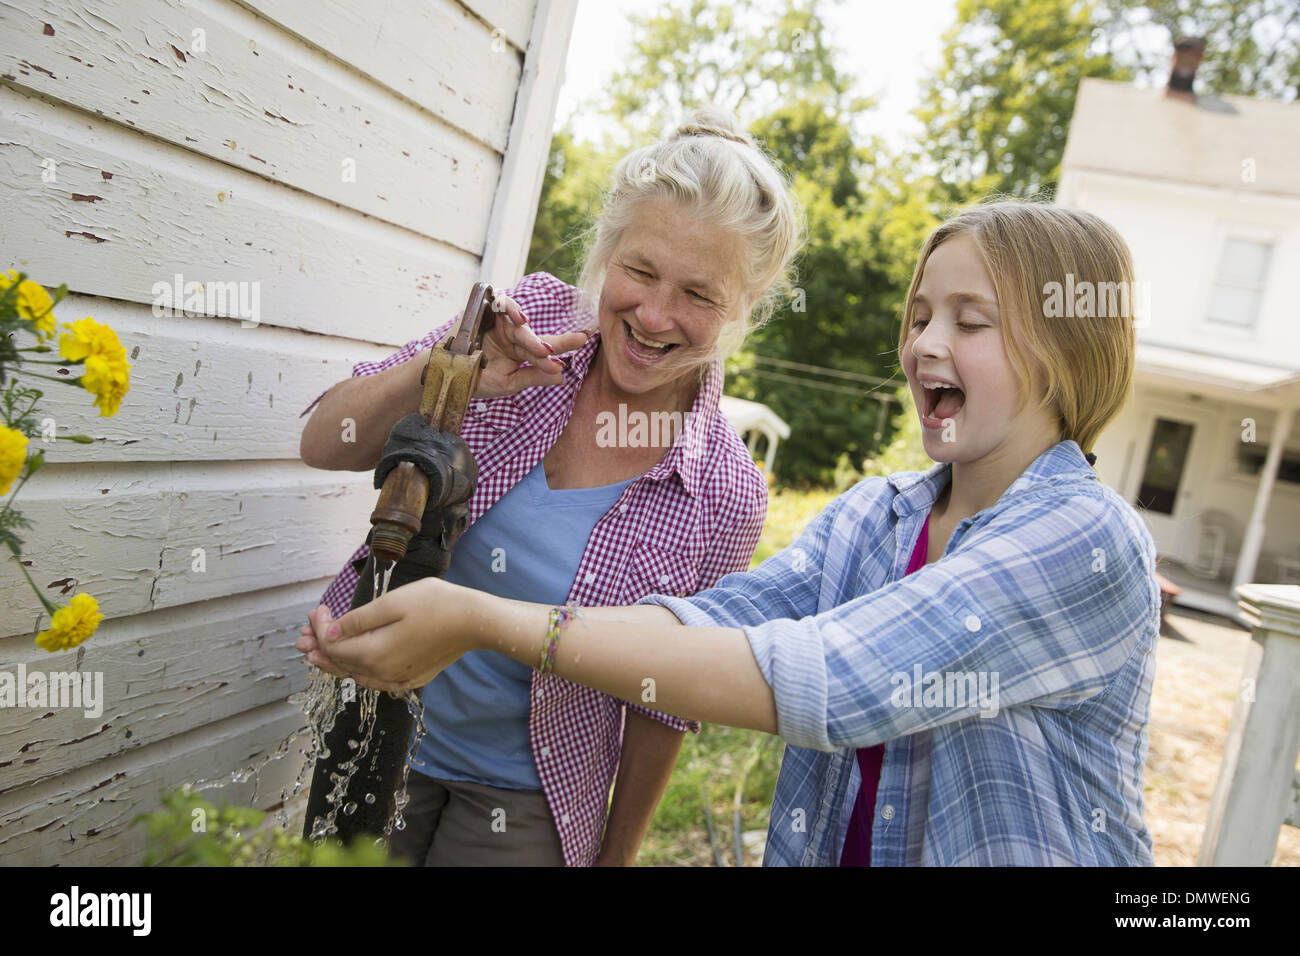 Una familia verano garing en una granja. Una comida compartida de un regreso. Imagen De Stock